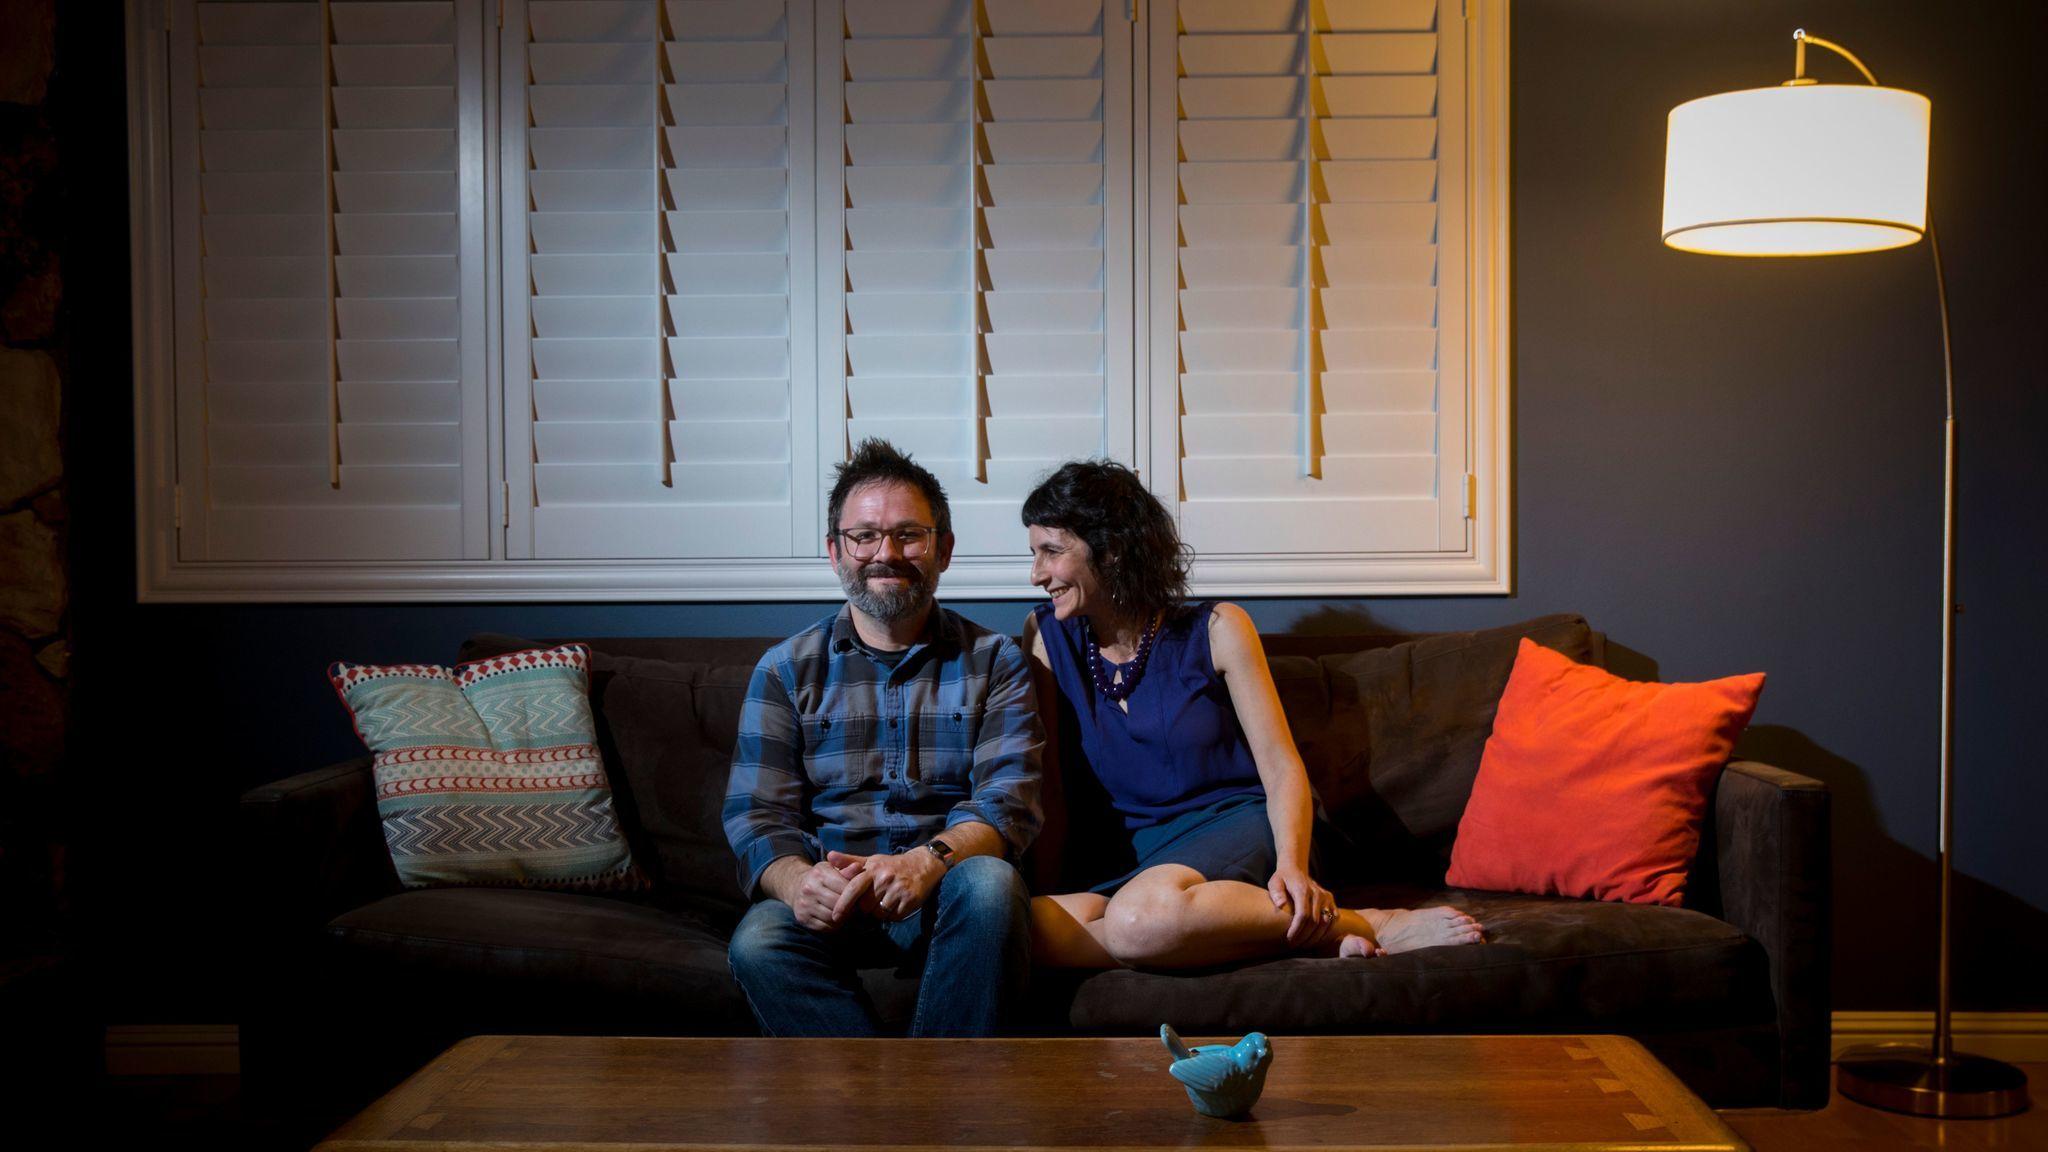 Maya Bader and Matthew Pratt